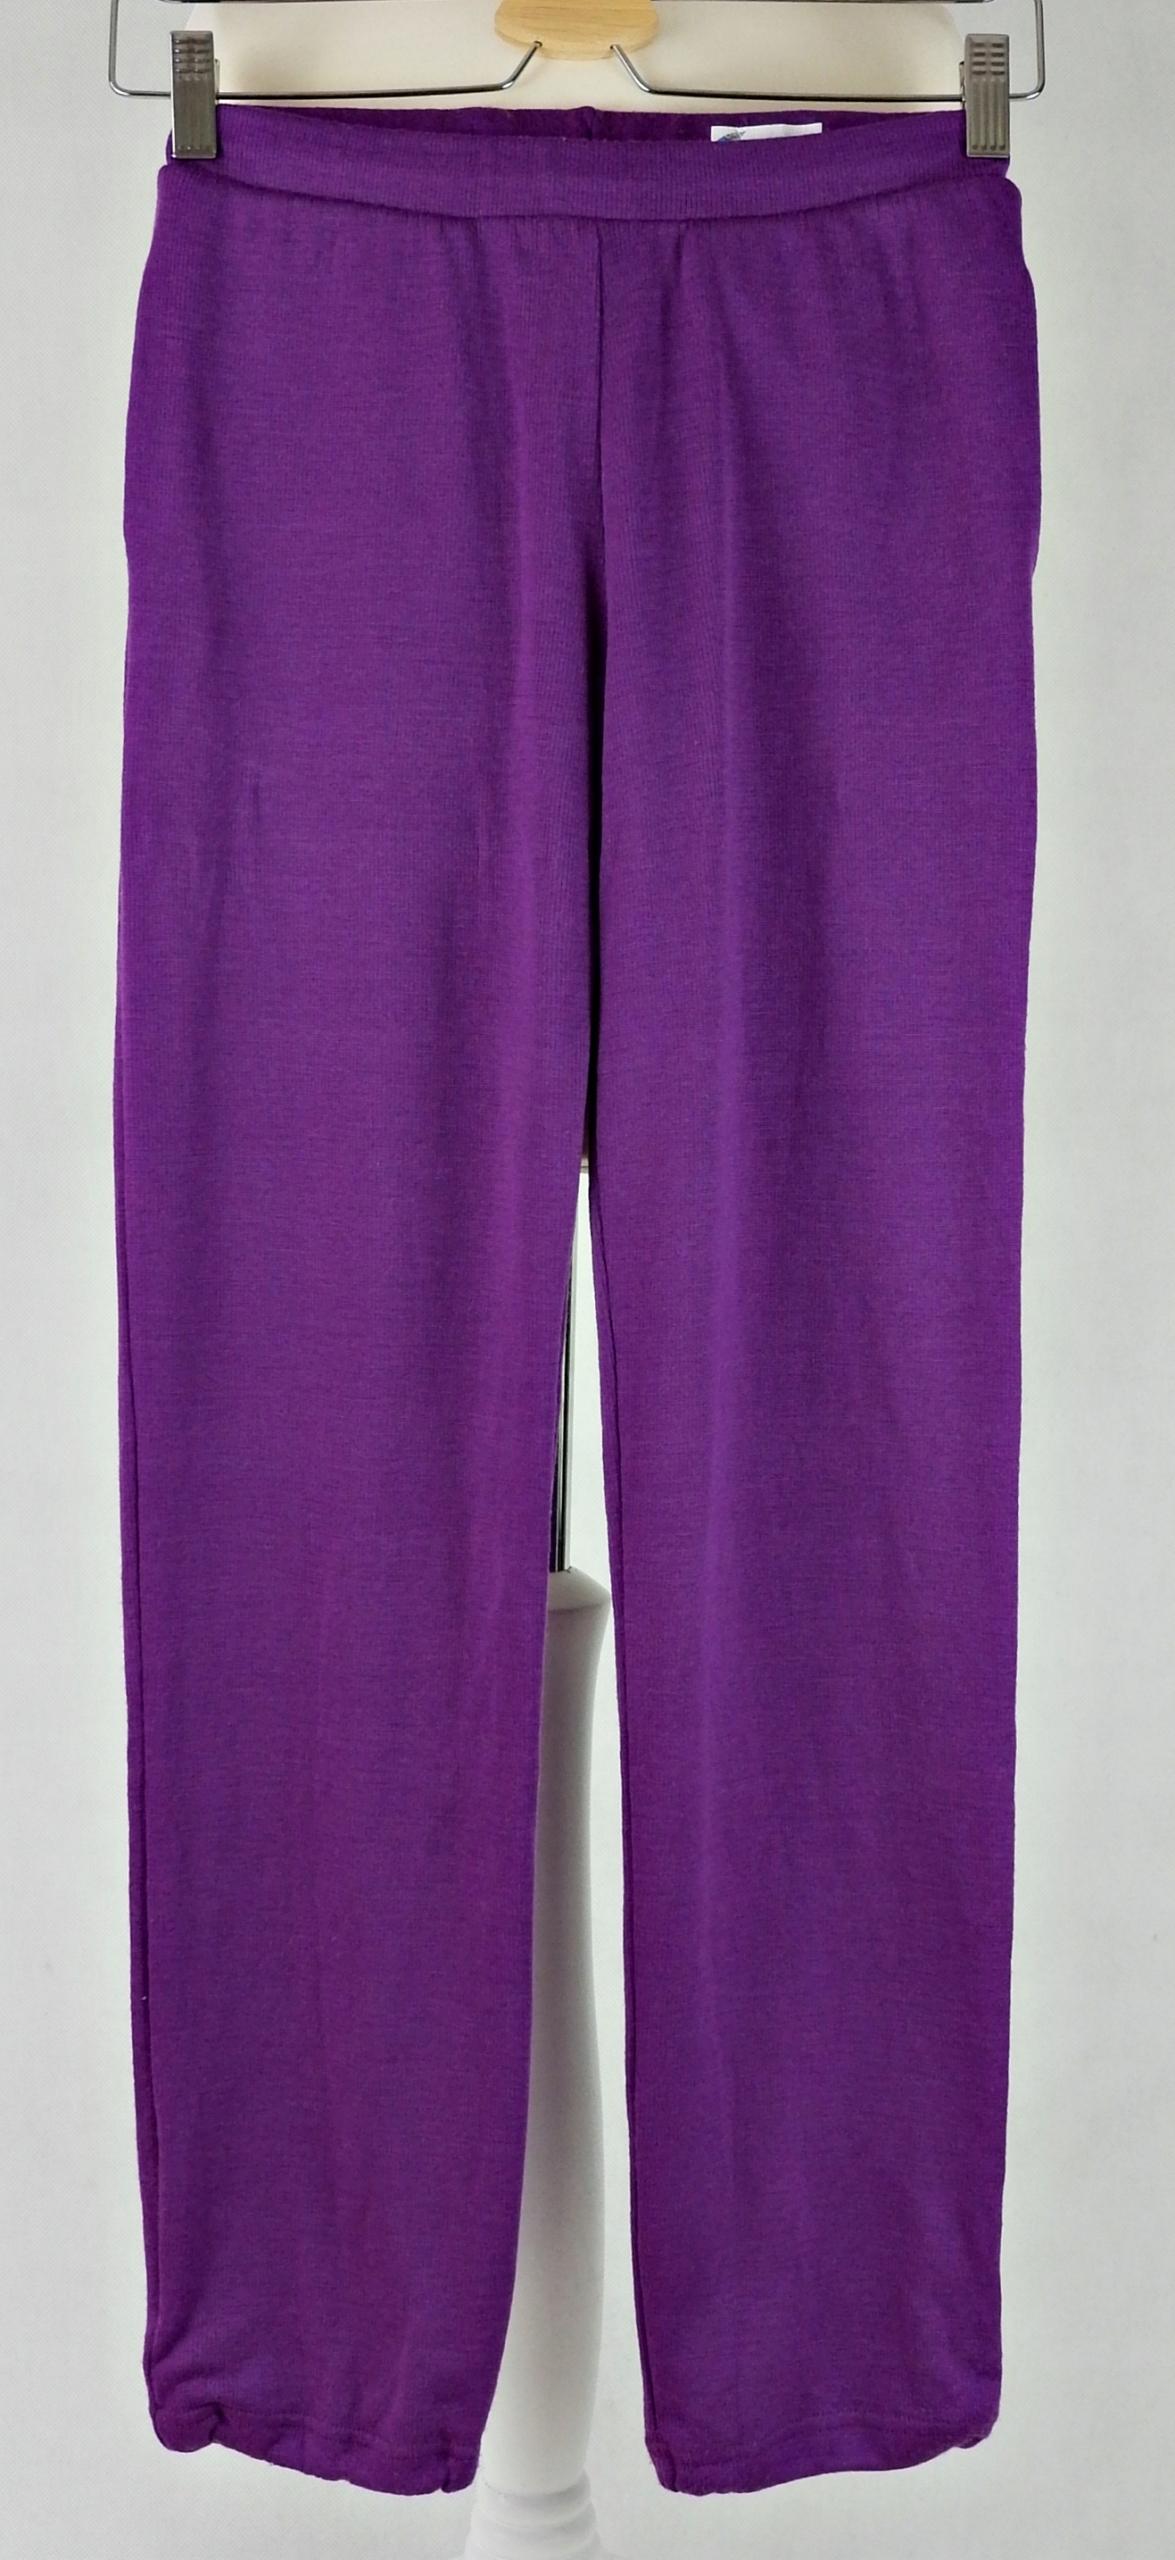 DEVOLD OPTIMUM JR spodnie dres merino 152